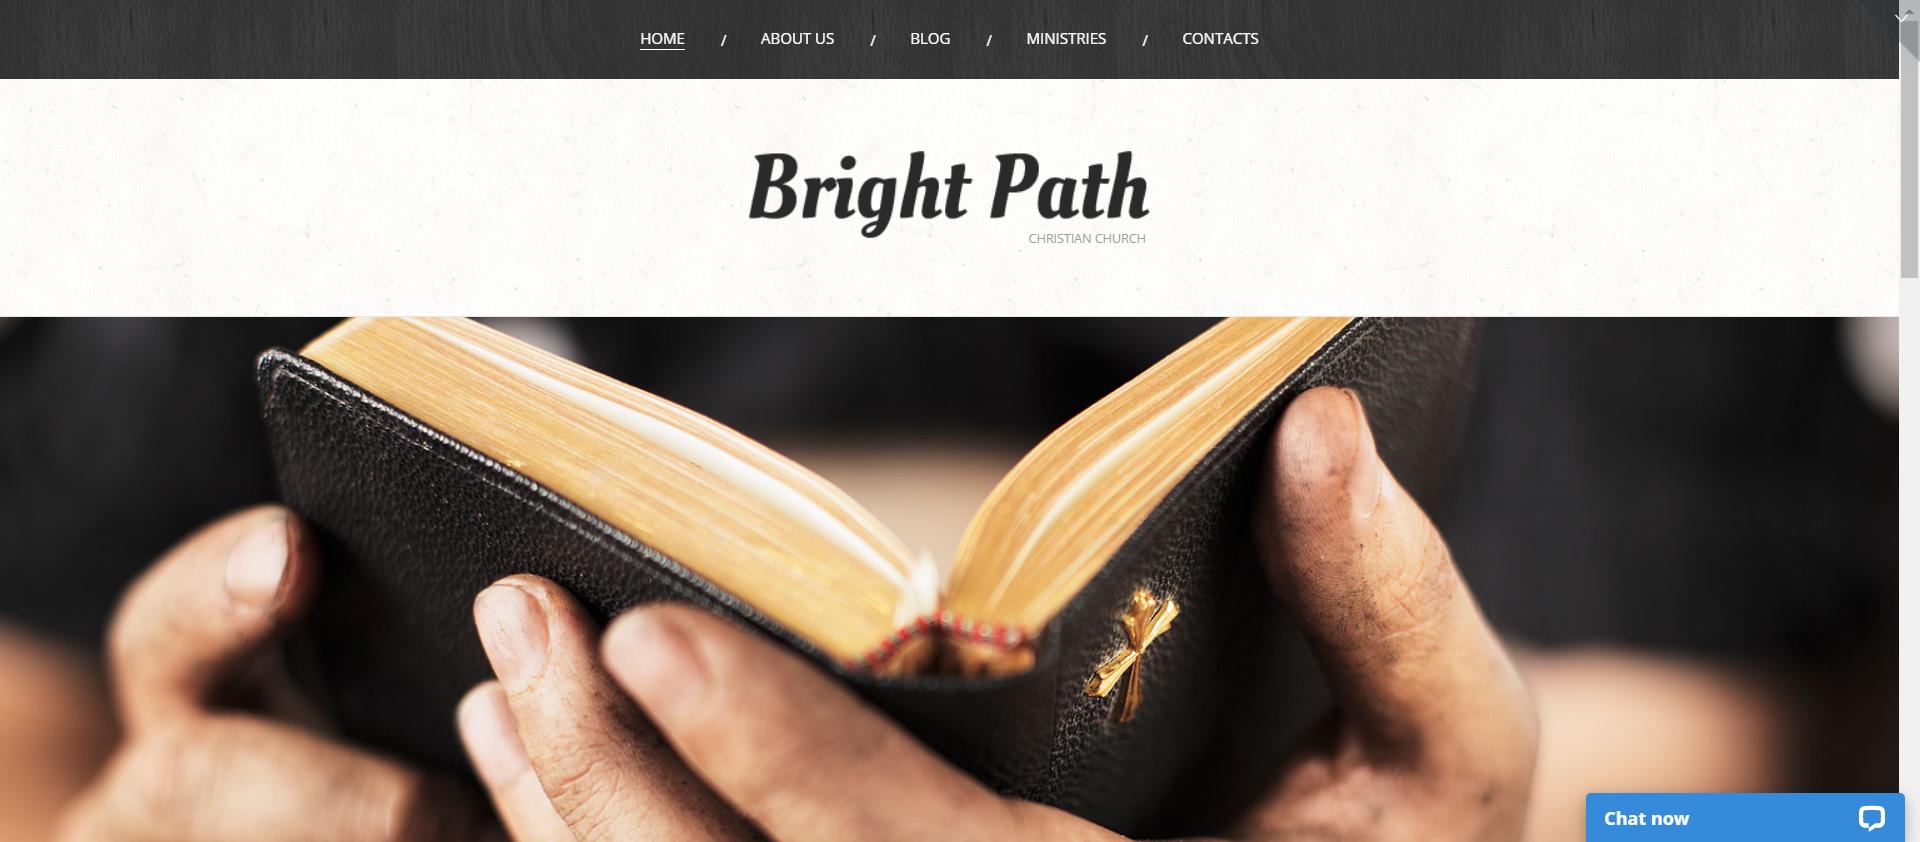 Church Web Presence - WordPress Religious Theme